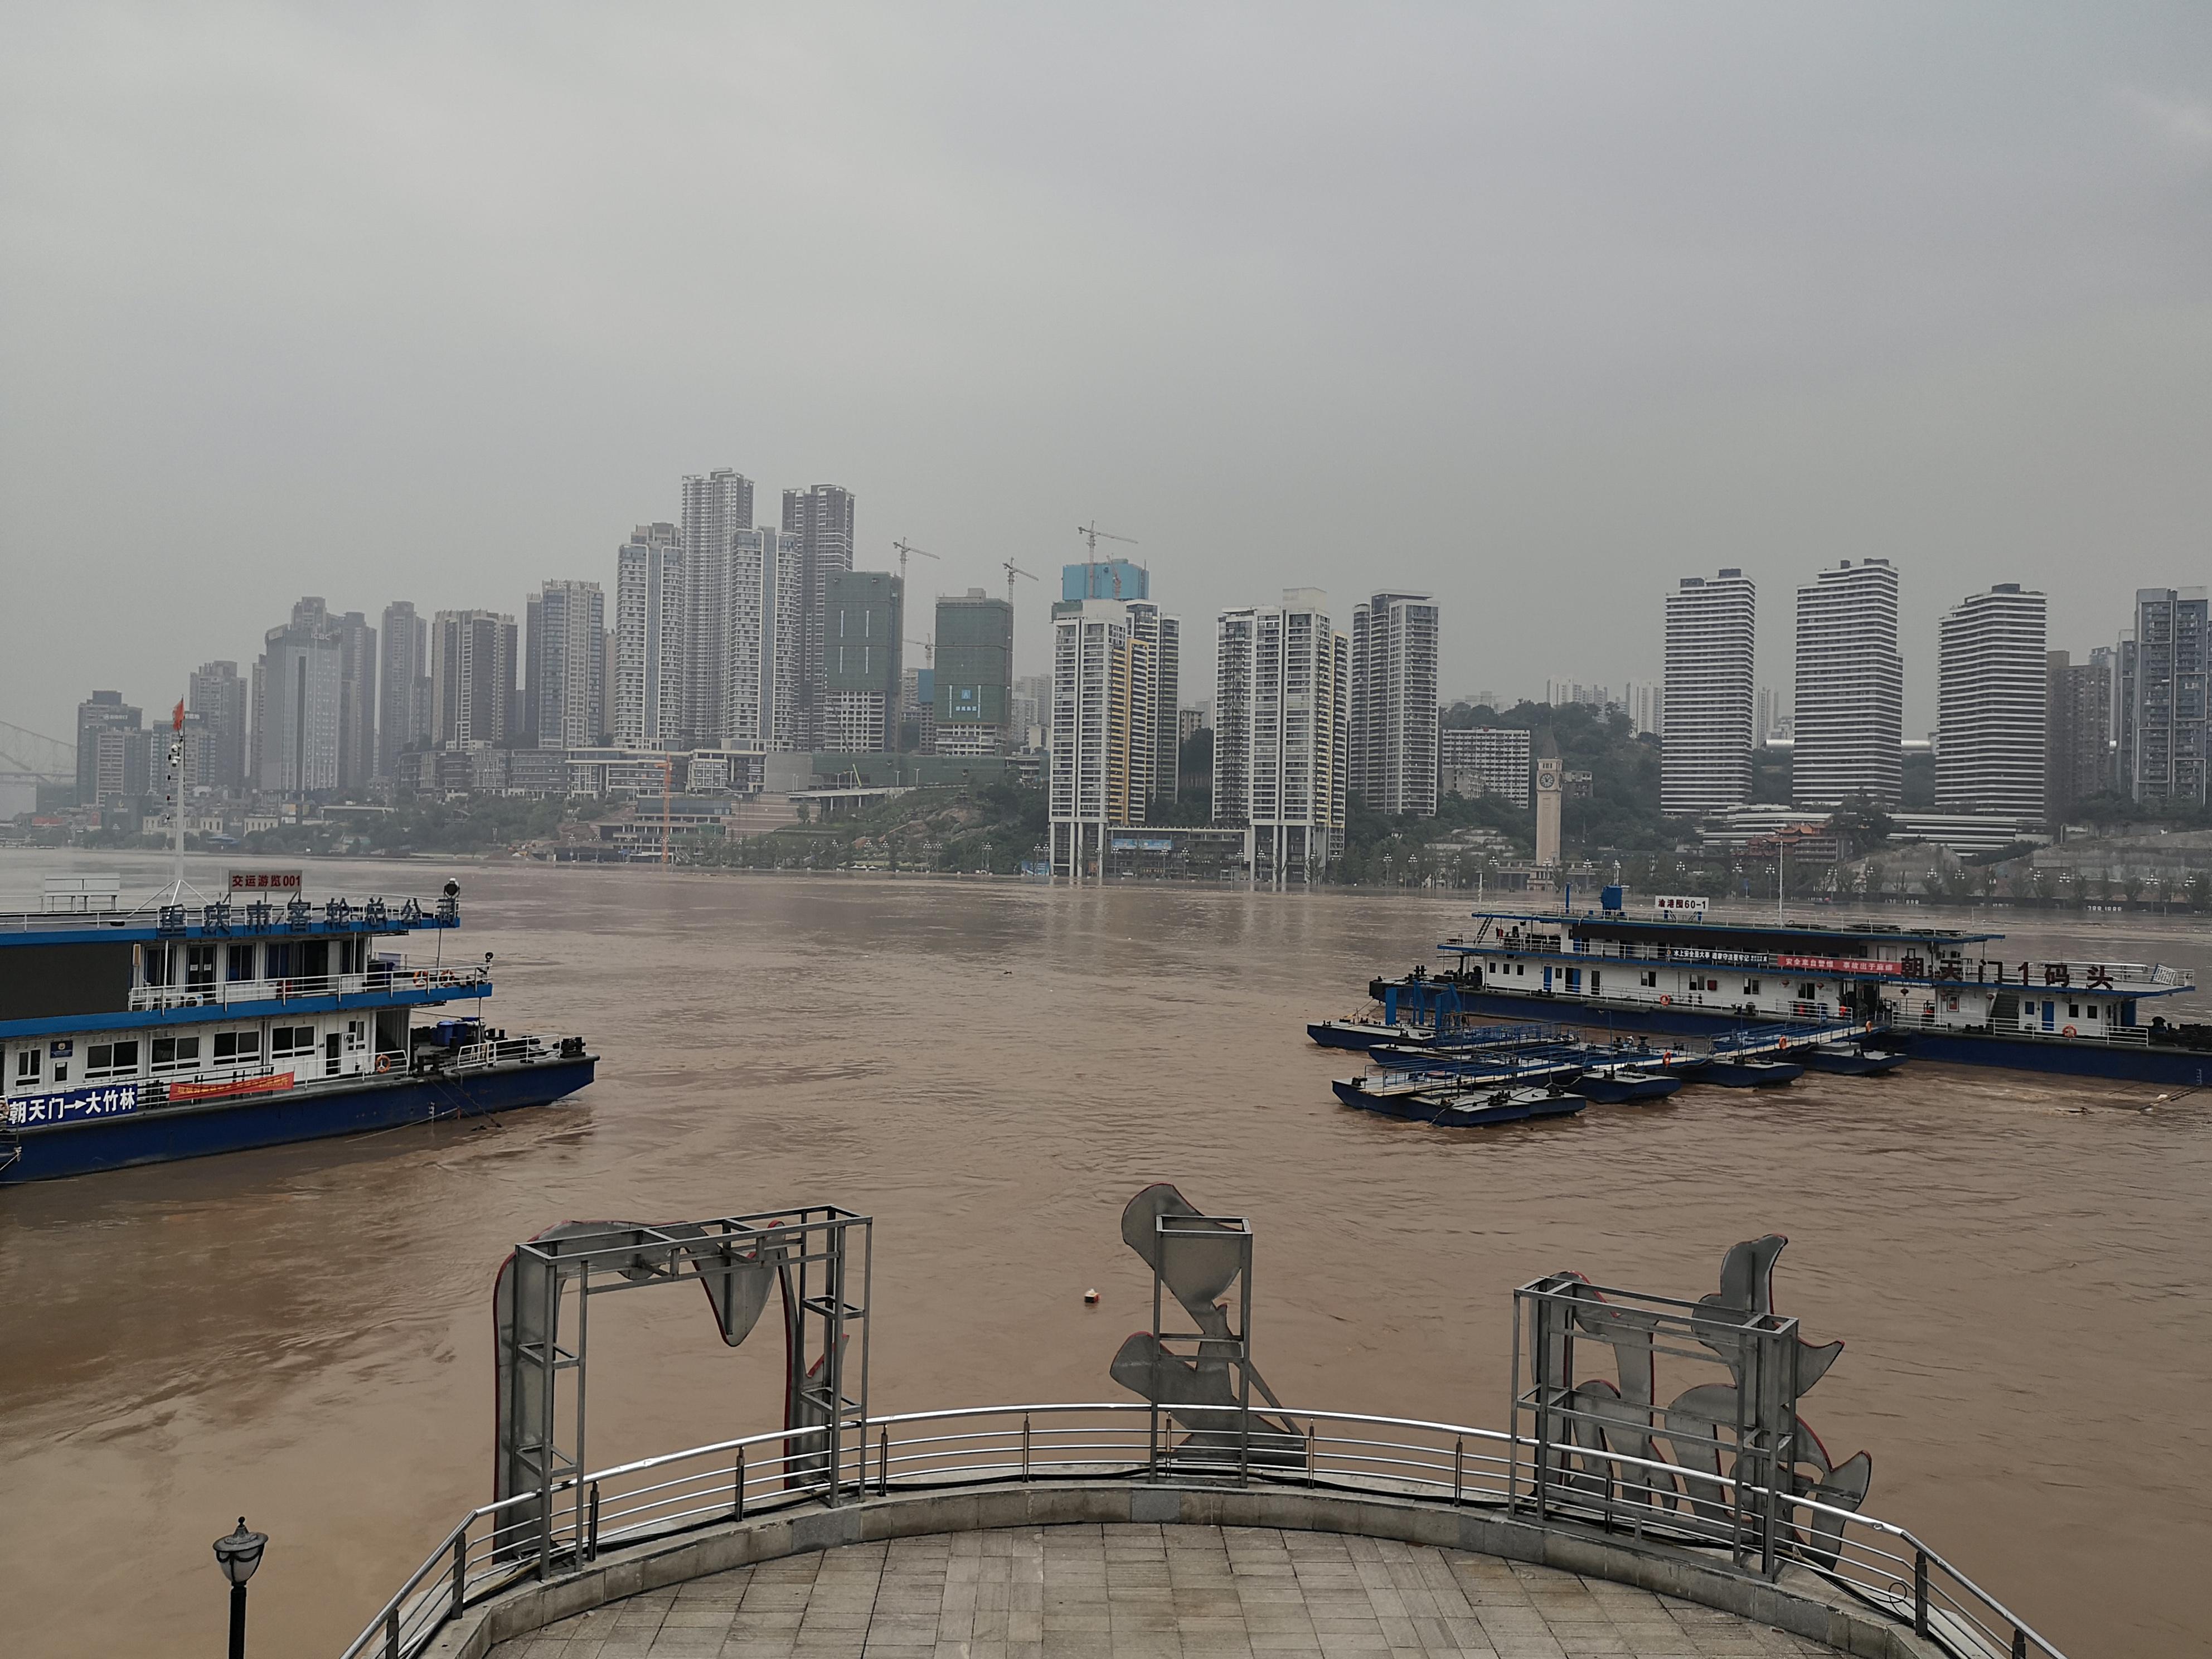 朝天门城门洞区域被淹没。 本文图片除署名外,均由澎湃新闻记者 王鑫 图